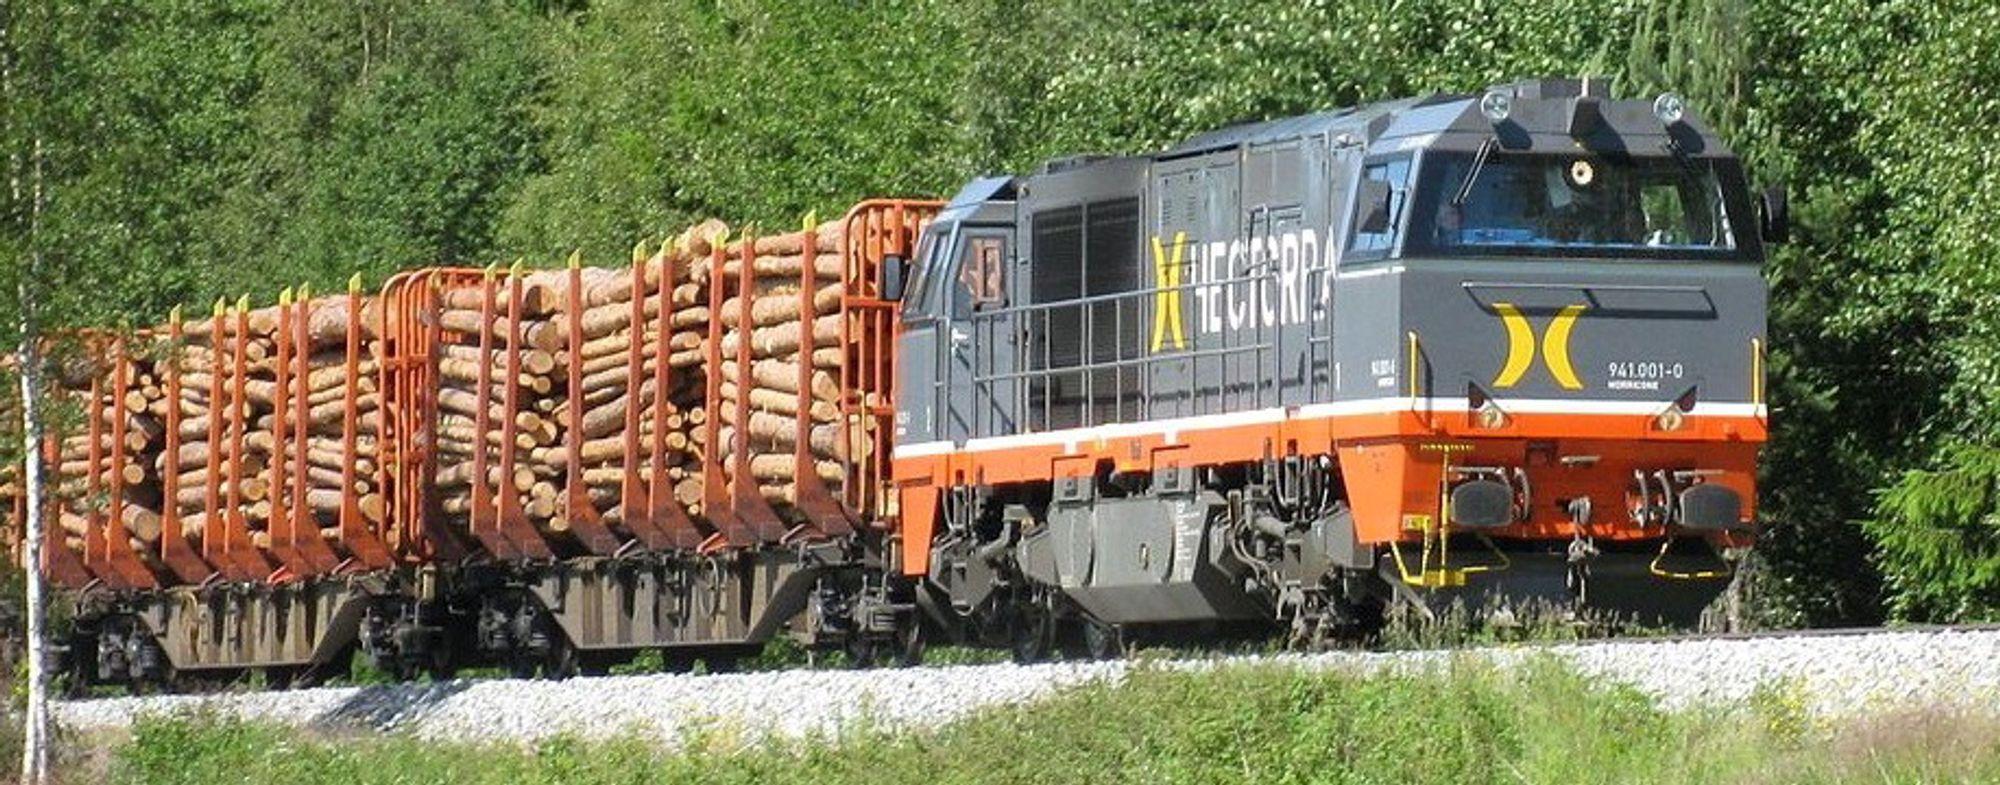 Nå starter tømmertransport på skinner fra den nedlagte Follum-fabrikken ved Hønefoss. Virket sendes til Halden for videre behandling av Norske Skog.Bildet viser tømmertog på Solørbanen 2009.